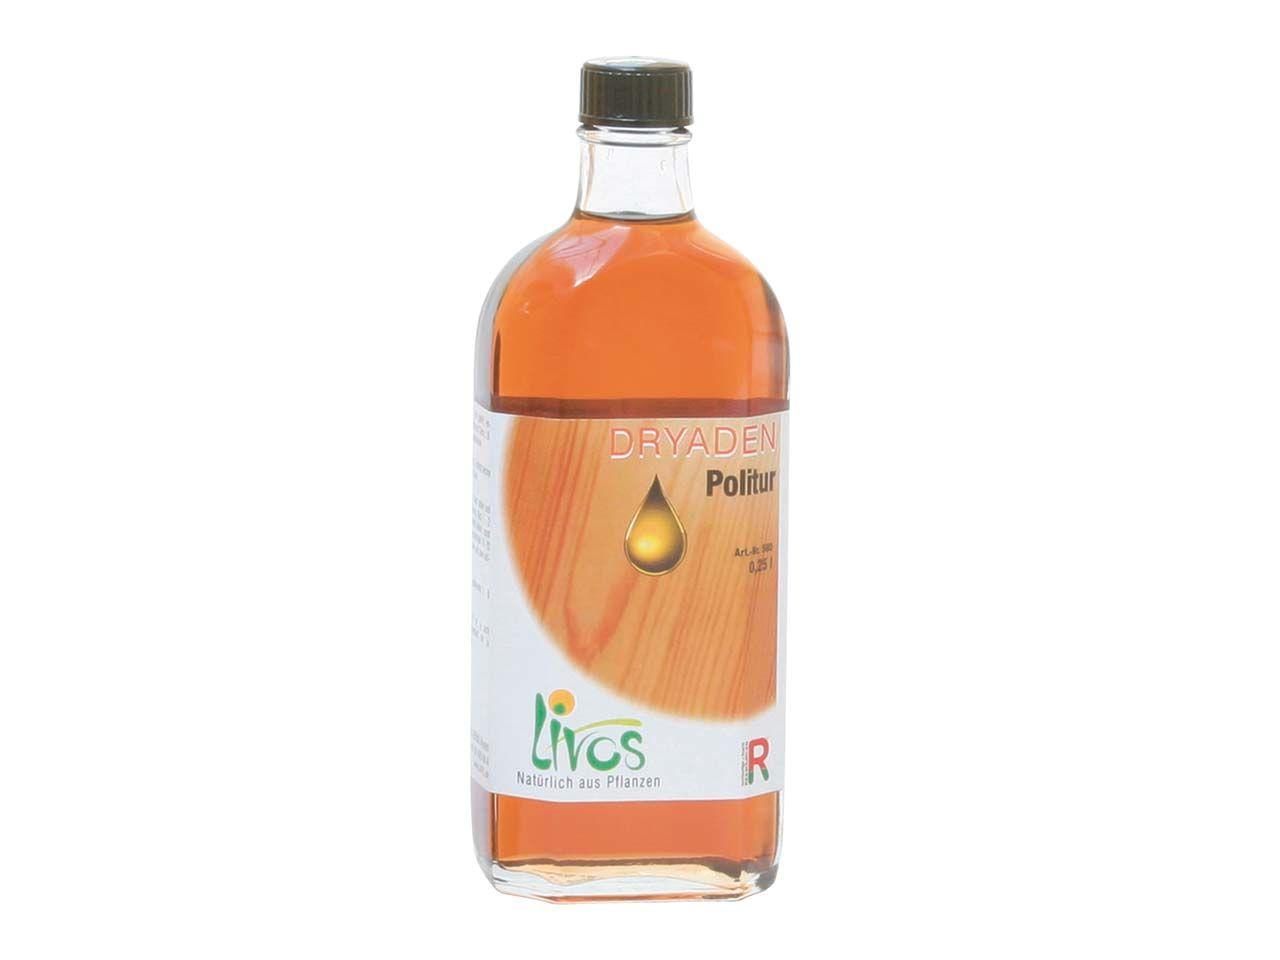 Livos Dryaden Politur 250 ml Flasche 560-0,25